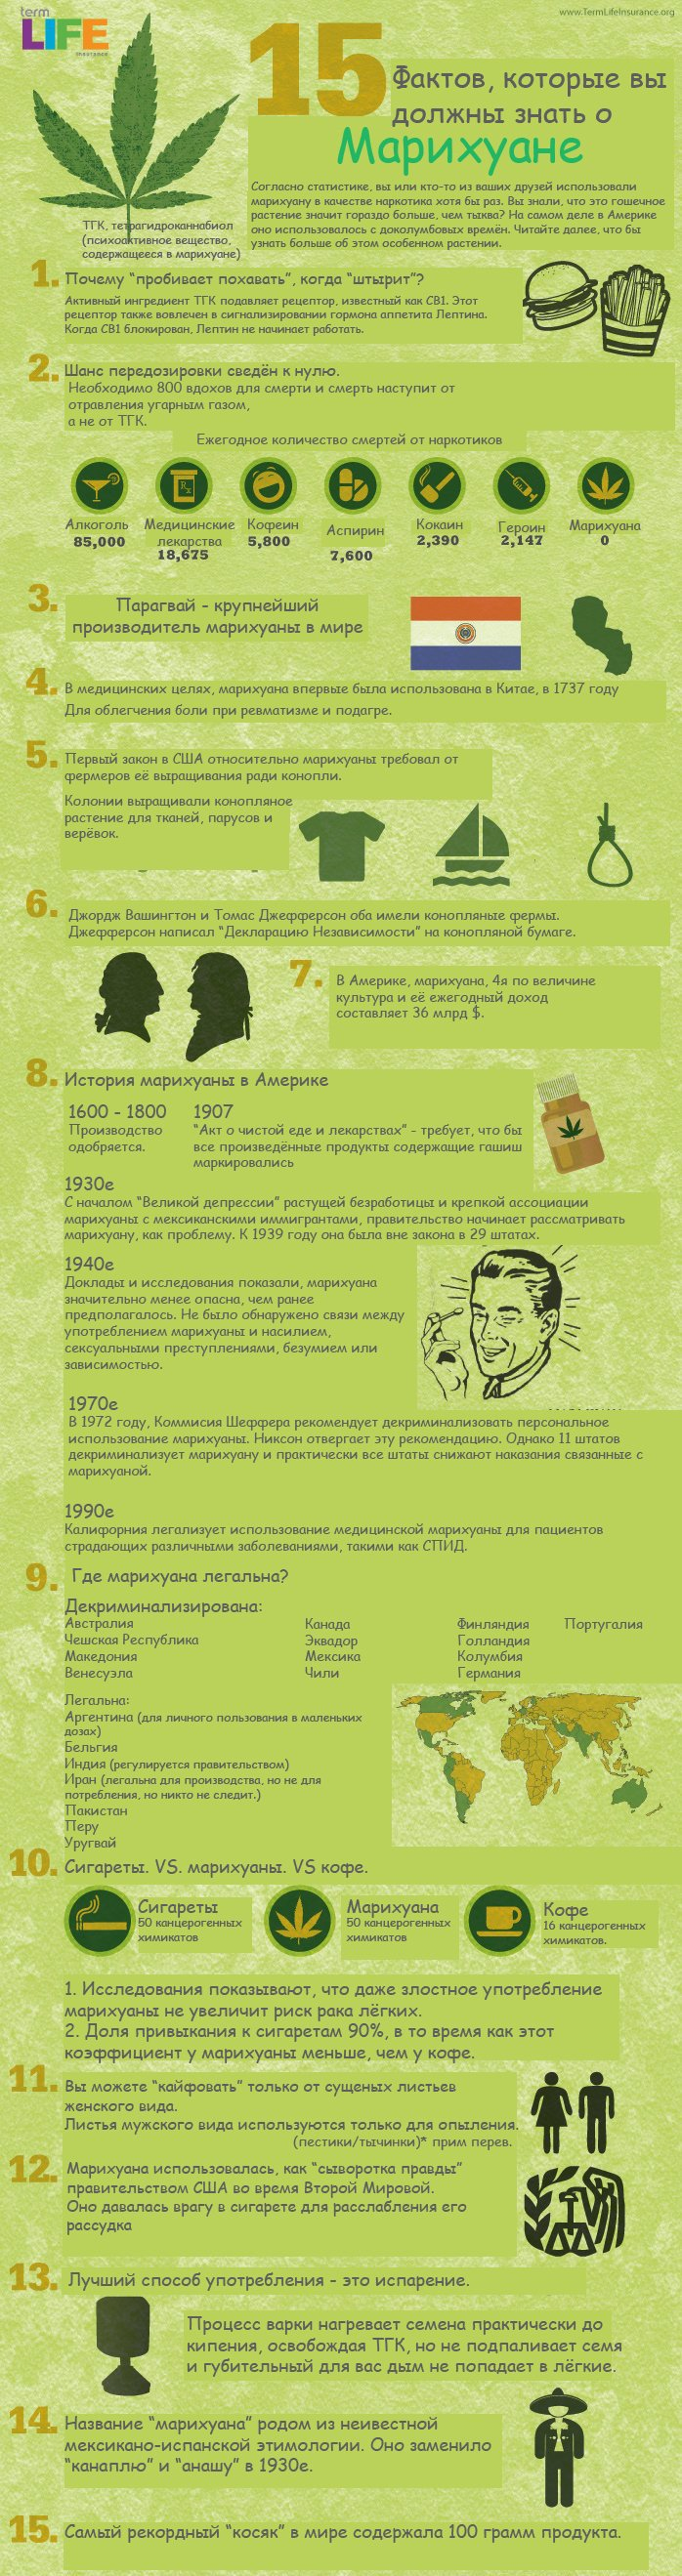 Доказанные факты о марихуане рецепт шоколадных кексов с марихуаной